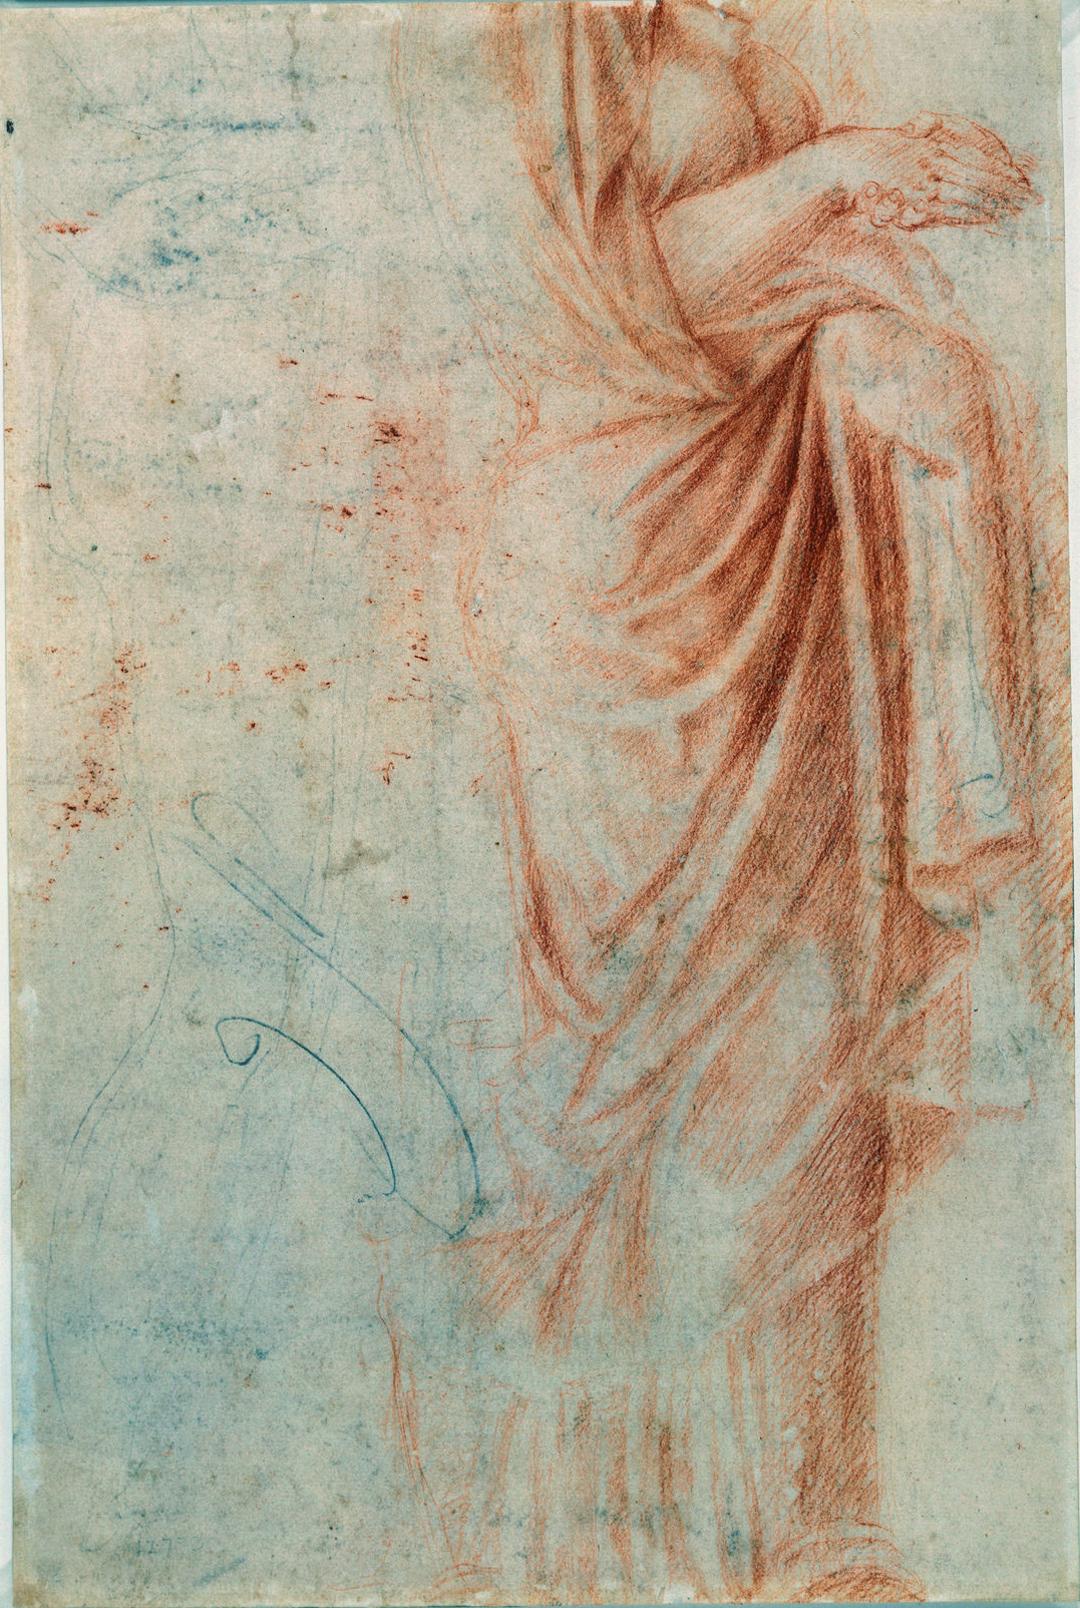 Michelangelo-Buonarroti--Drawing---Drapery.jpg